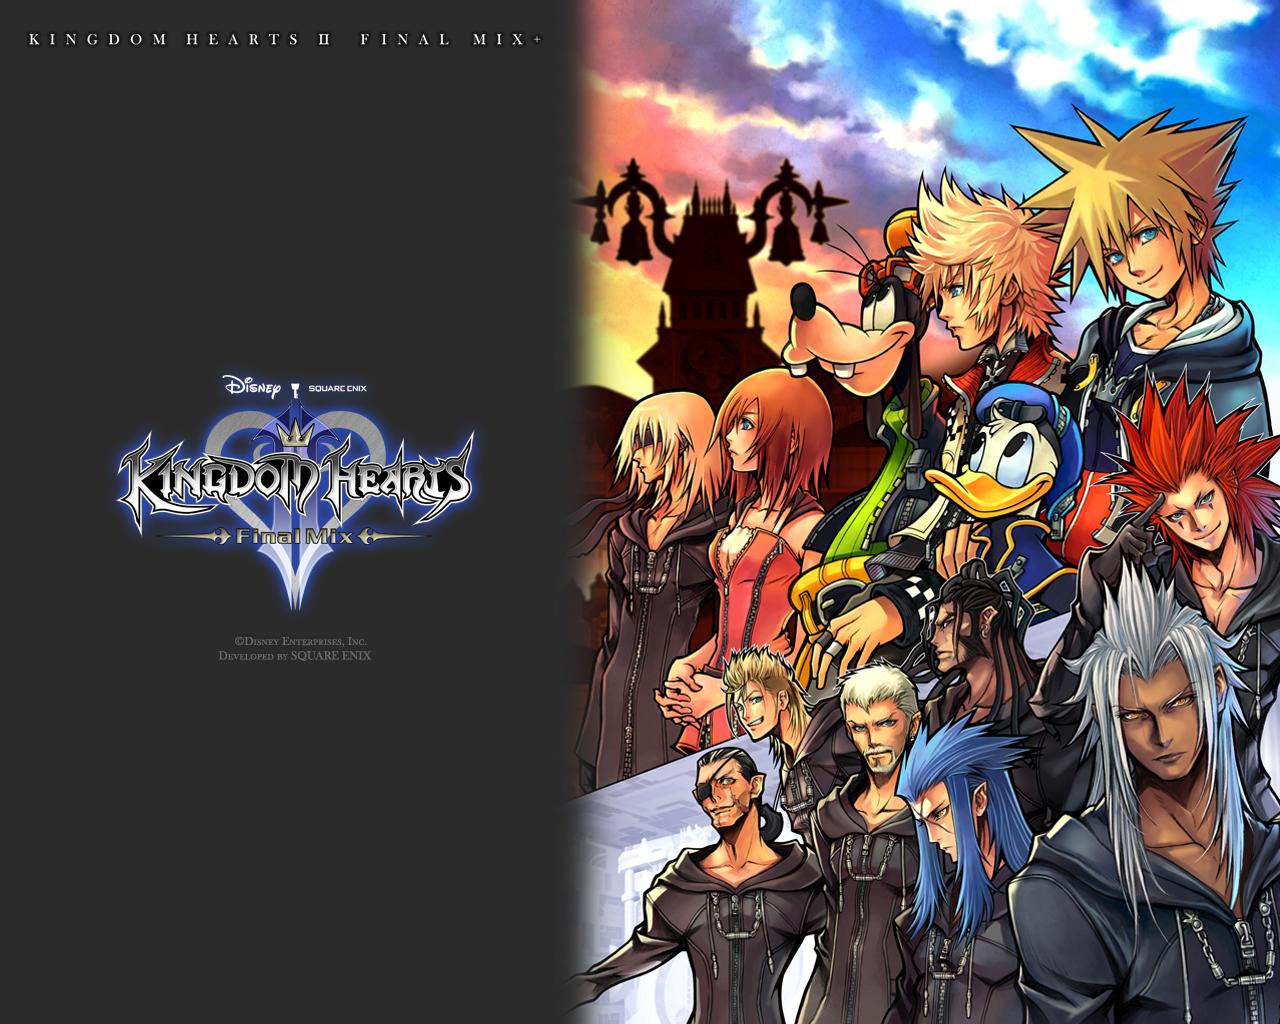 Kingdom Hearts 2 Final Mix Wallpaper Kingdom Hearts ii Final Mix 1280x1024